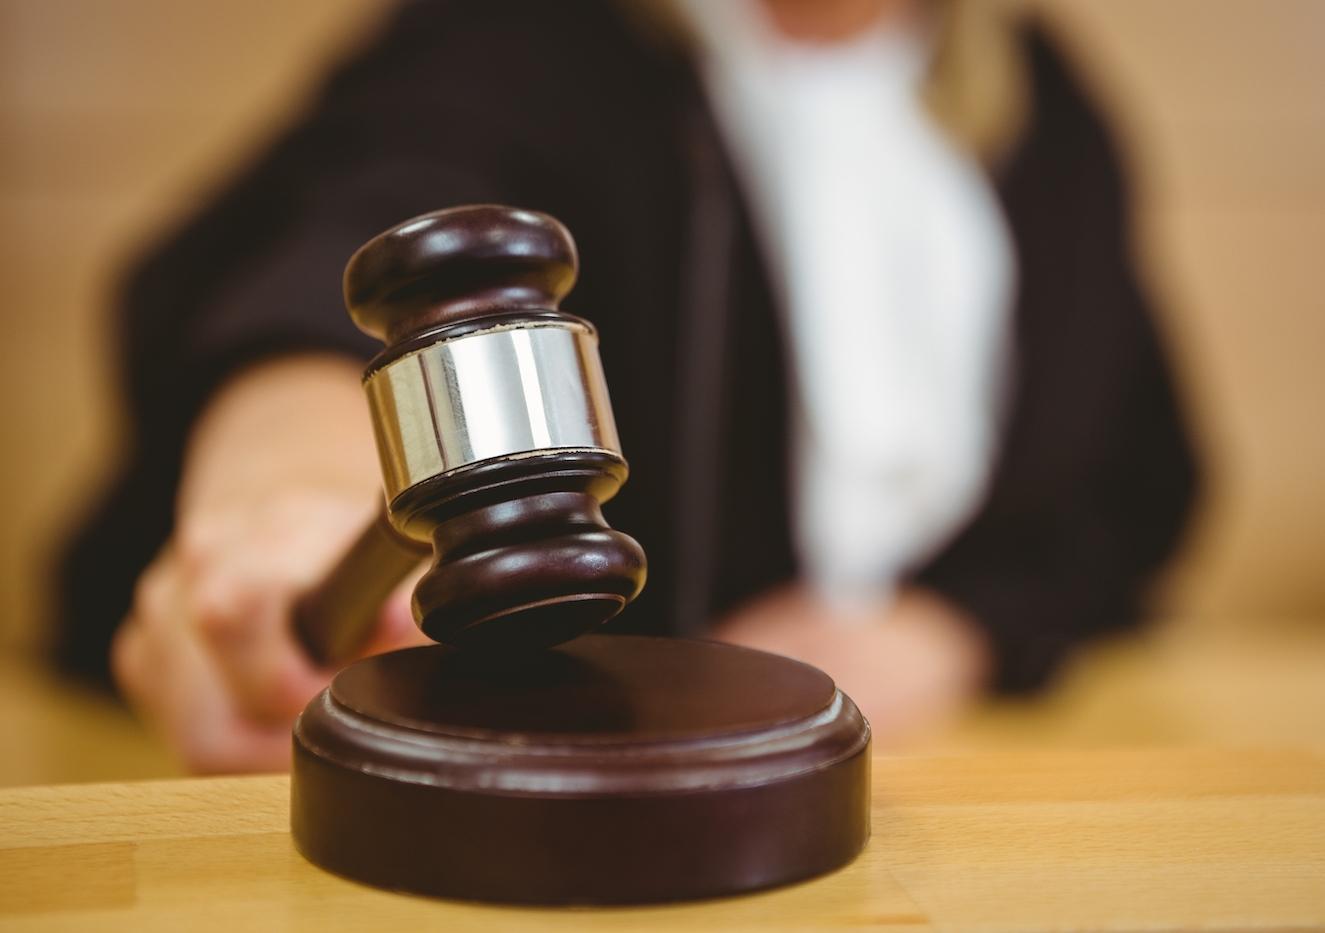 Dictan sentencia final en el juicio de Telegram y deberá pagar 1.2 mil millones de dólares a los inversores del token Gram y una multa civil millonaria